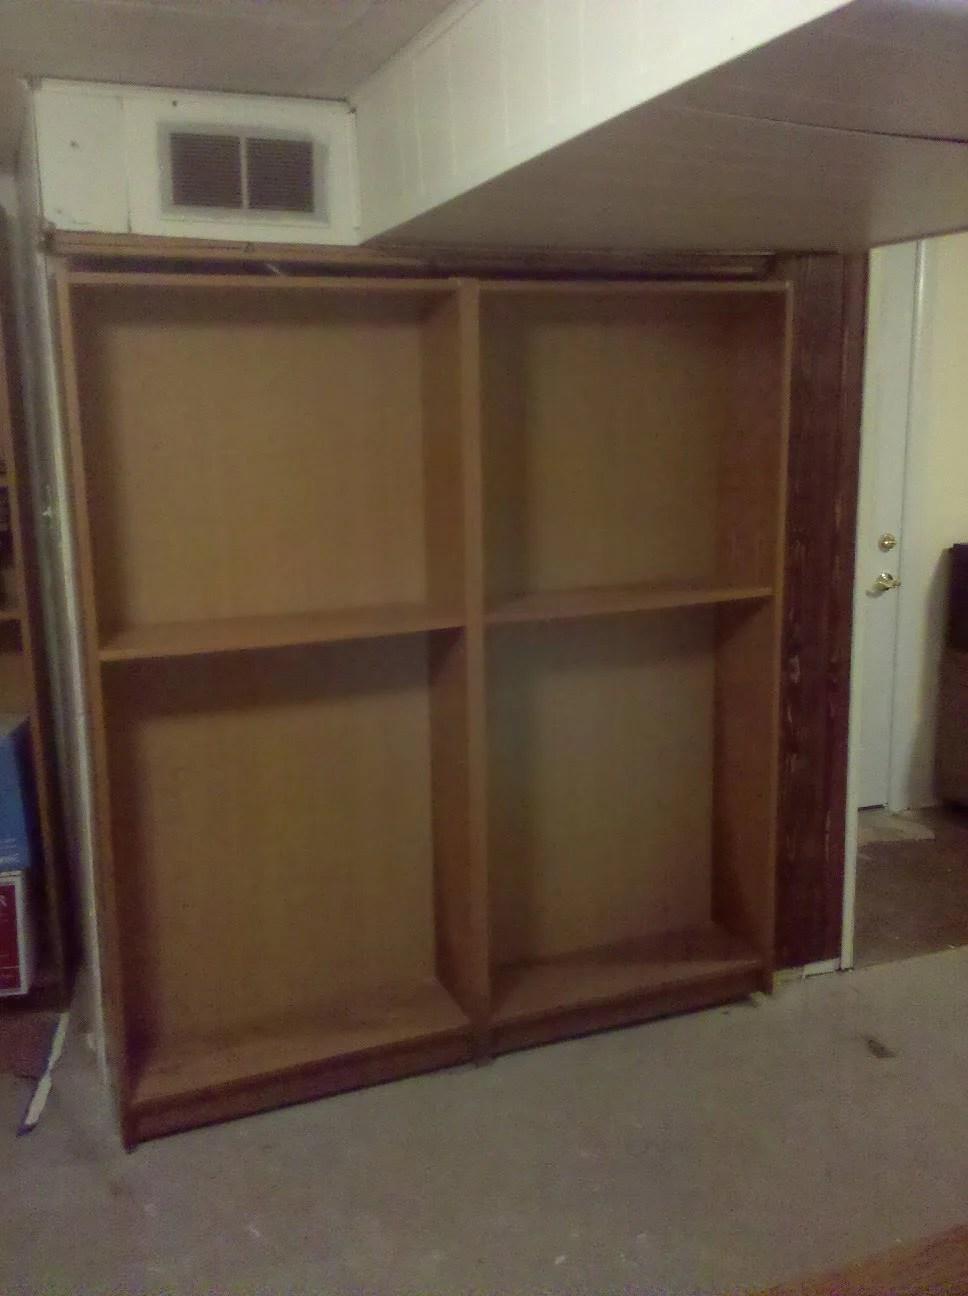 Billy Bookcase Door Hides Furnace Or Closet Or Secret Room